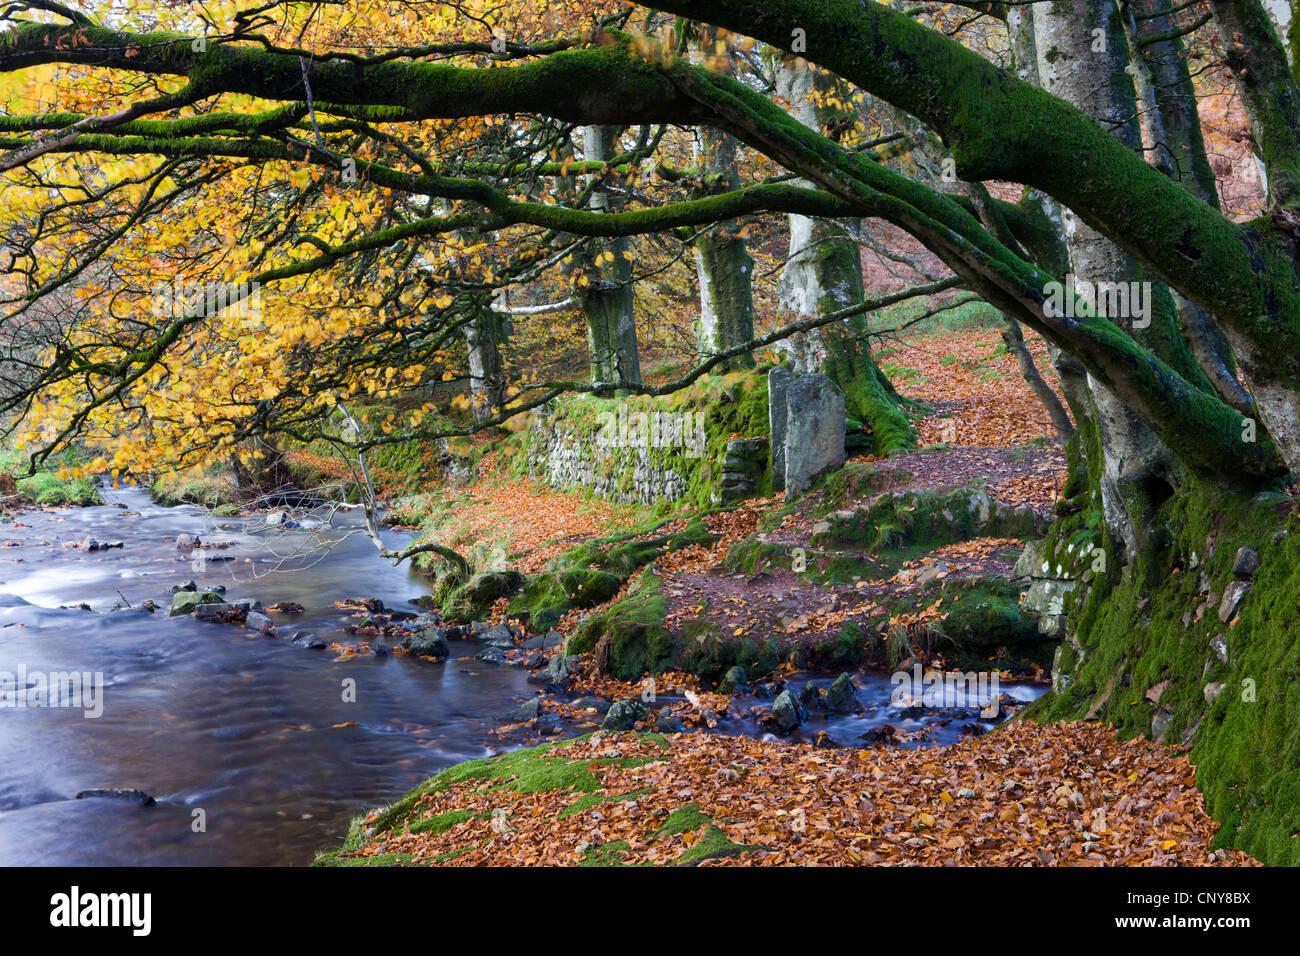 Herbstszenen neben Oare Wasser in der Nähe von Räubern Brücke, Exmoor National Park, Somerset, England Stockbild